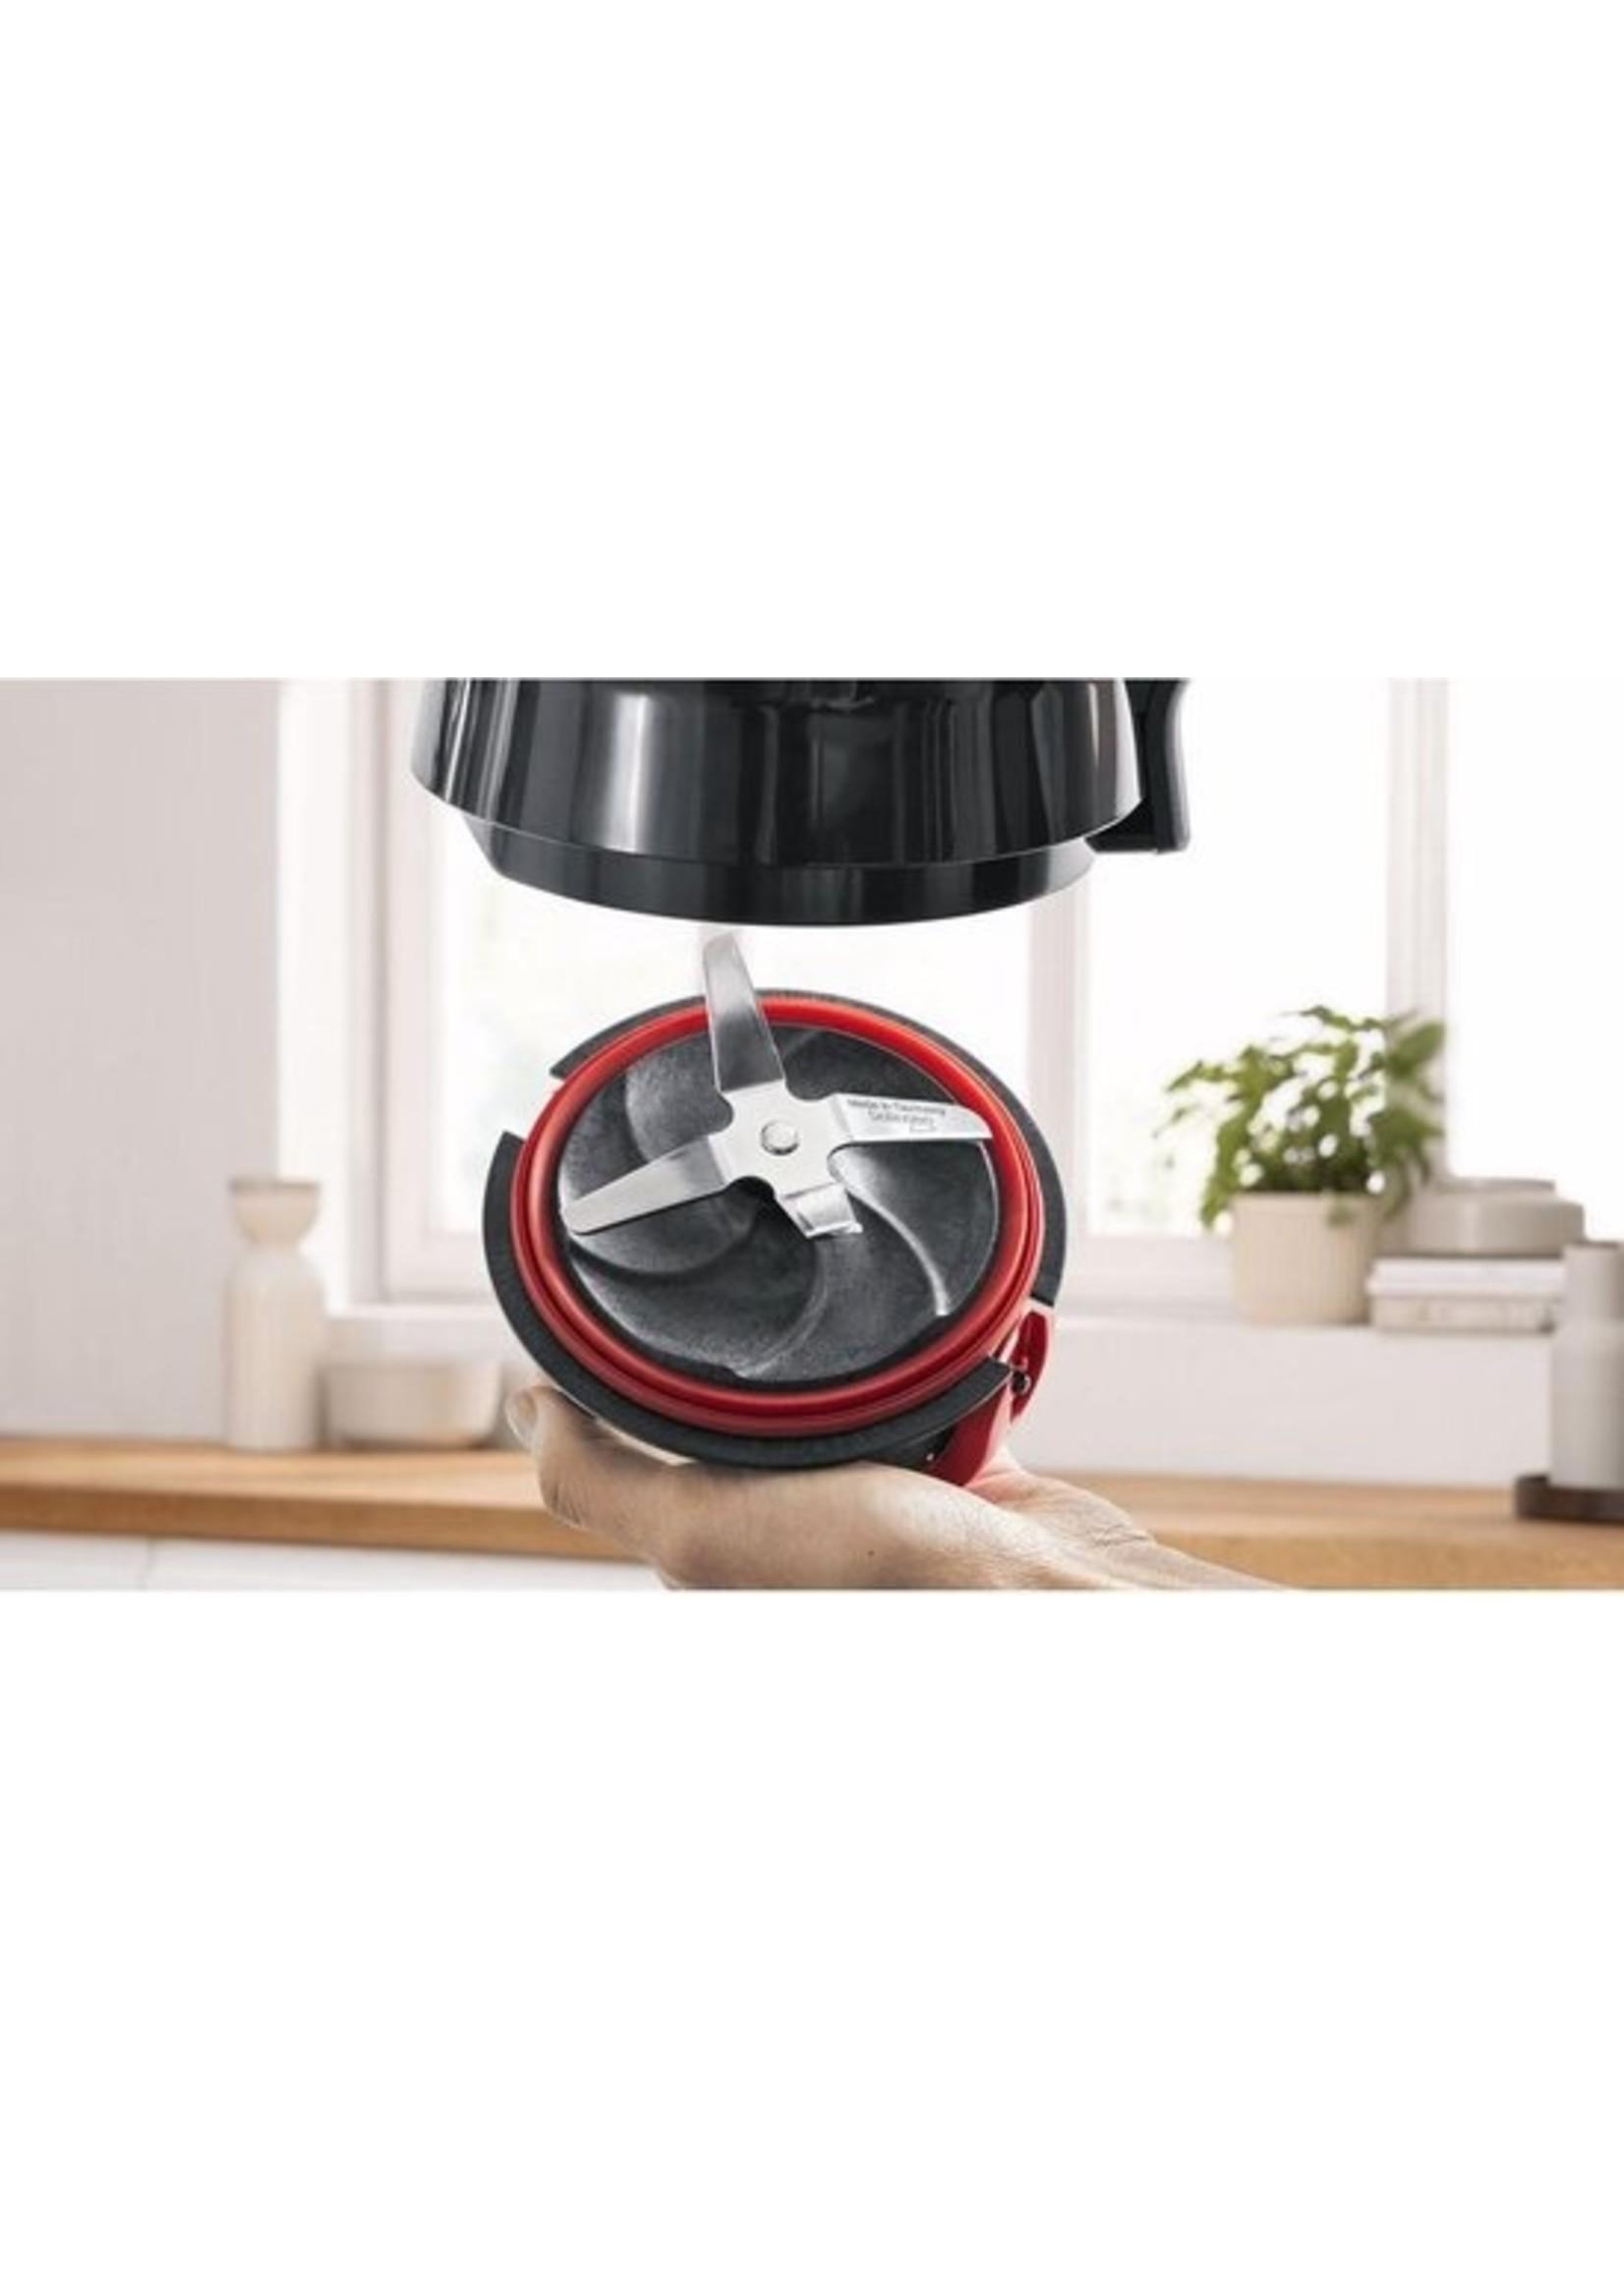 Bosch Bosch MMB6382M VitaPower Blender serie| 4 - RVS - ThermoSafe blender kan koopjeshoek